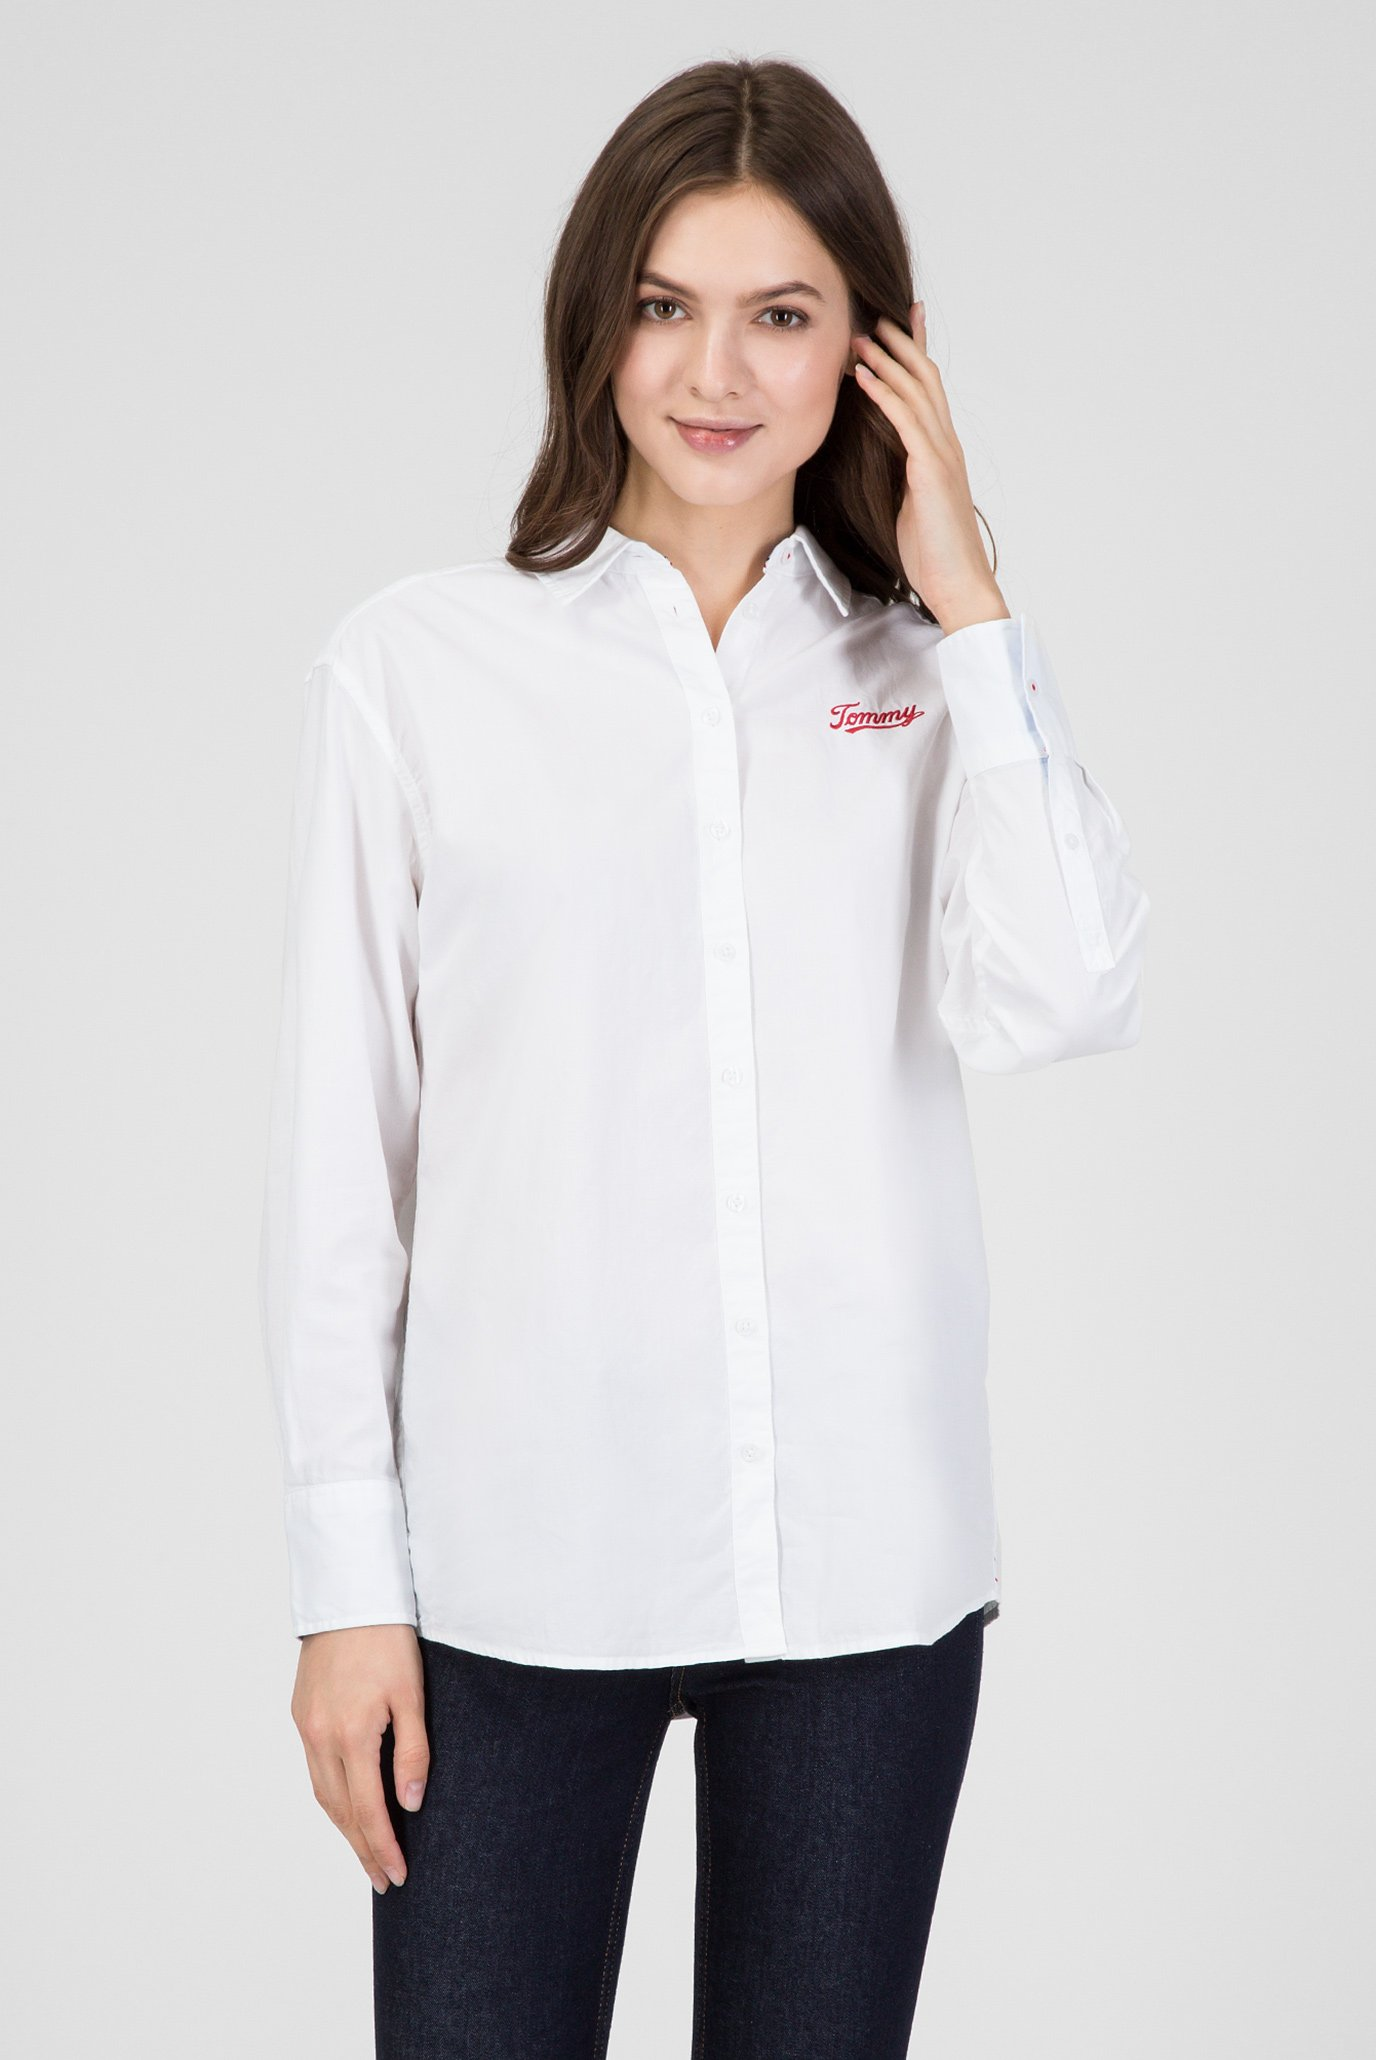 Купить Женская белая рубашка Tommy Hilfiger Tommy Hilfiger DW0DW05260 – Киев, Украина. Цены в интернет магазине MD Fashion